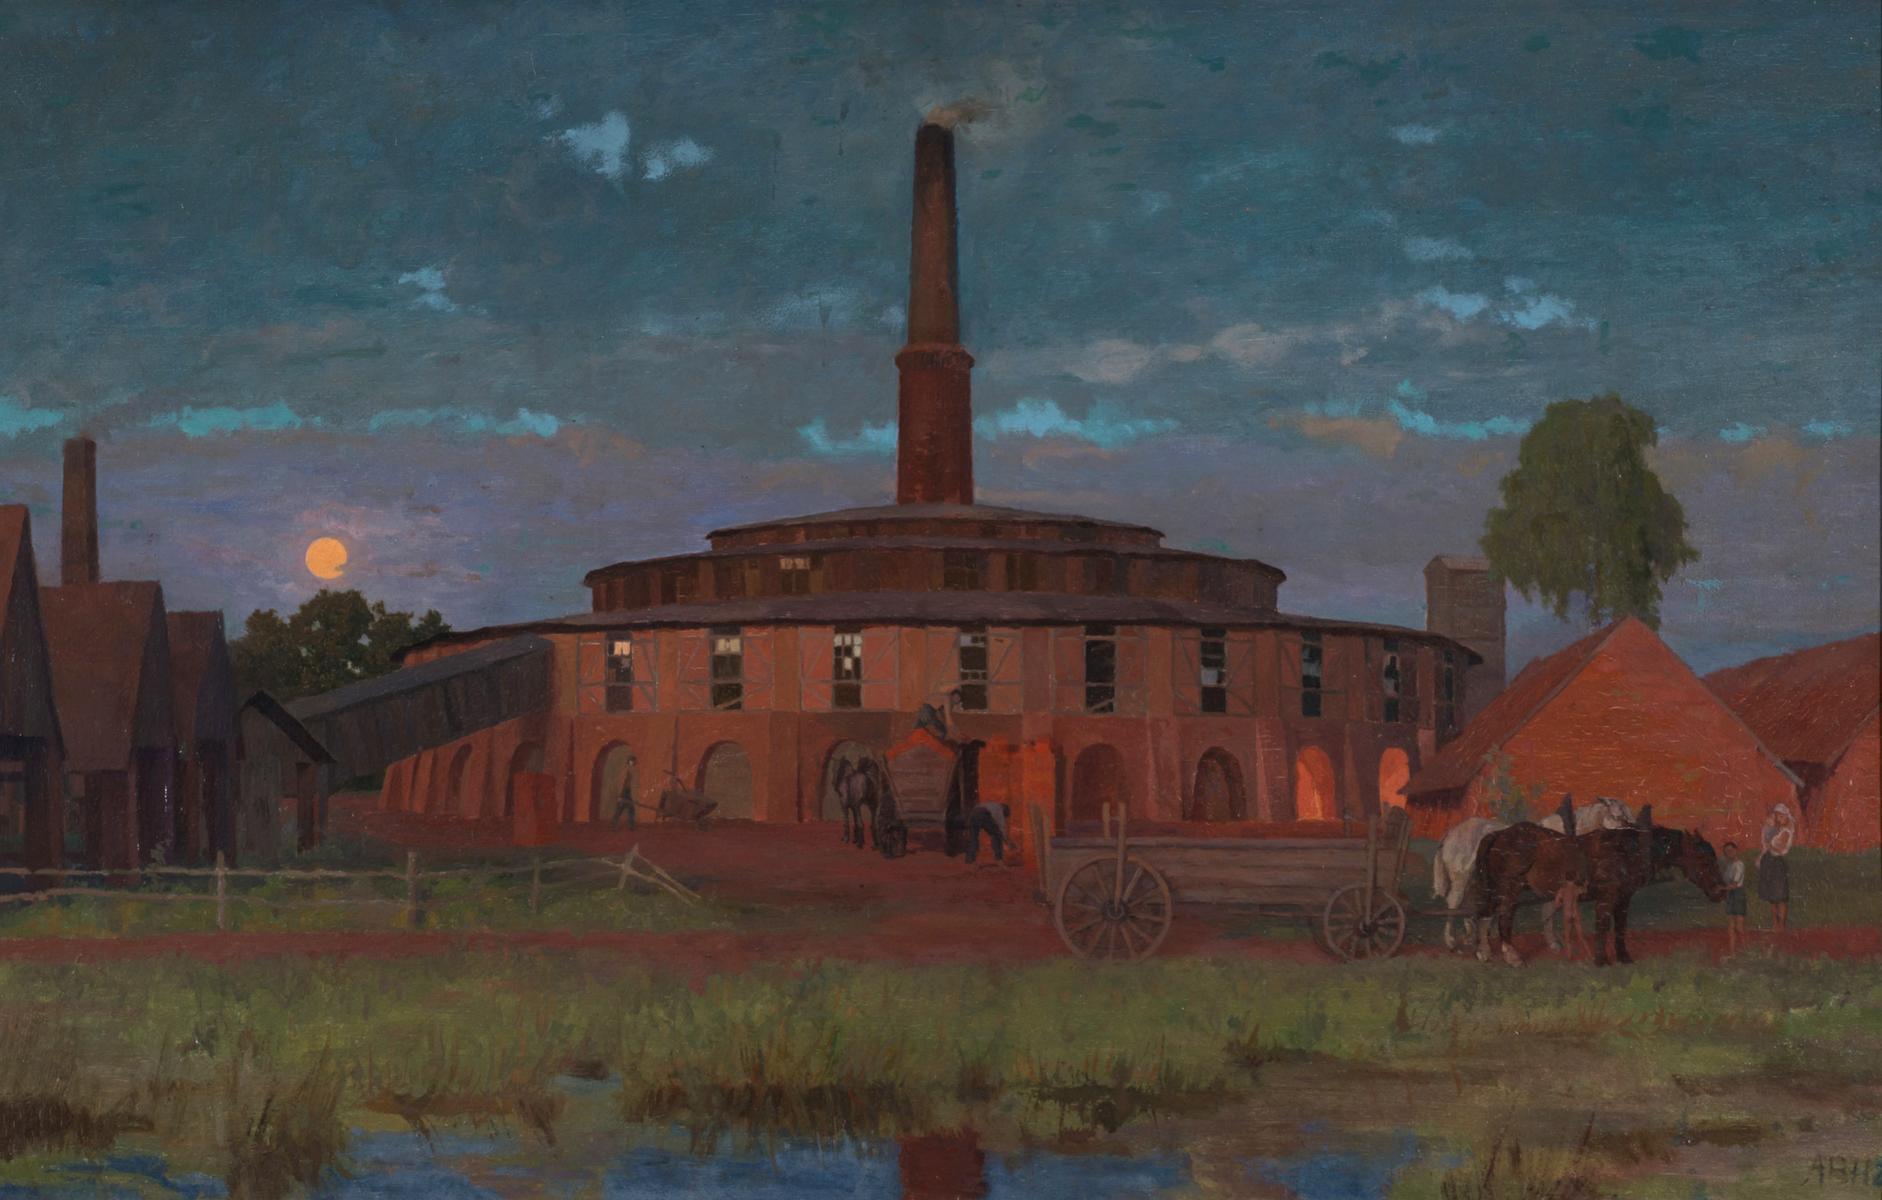 Verschollene Ziegelei in Abendlichtern. Gemälde von Alexander Bernhard Hoffmann, 1926